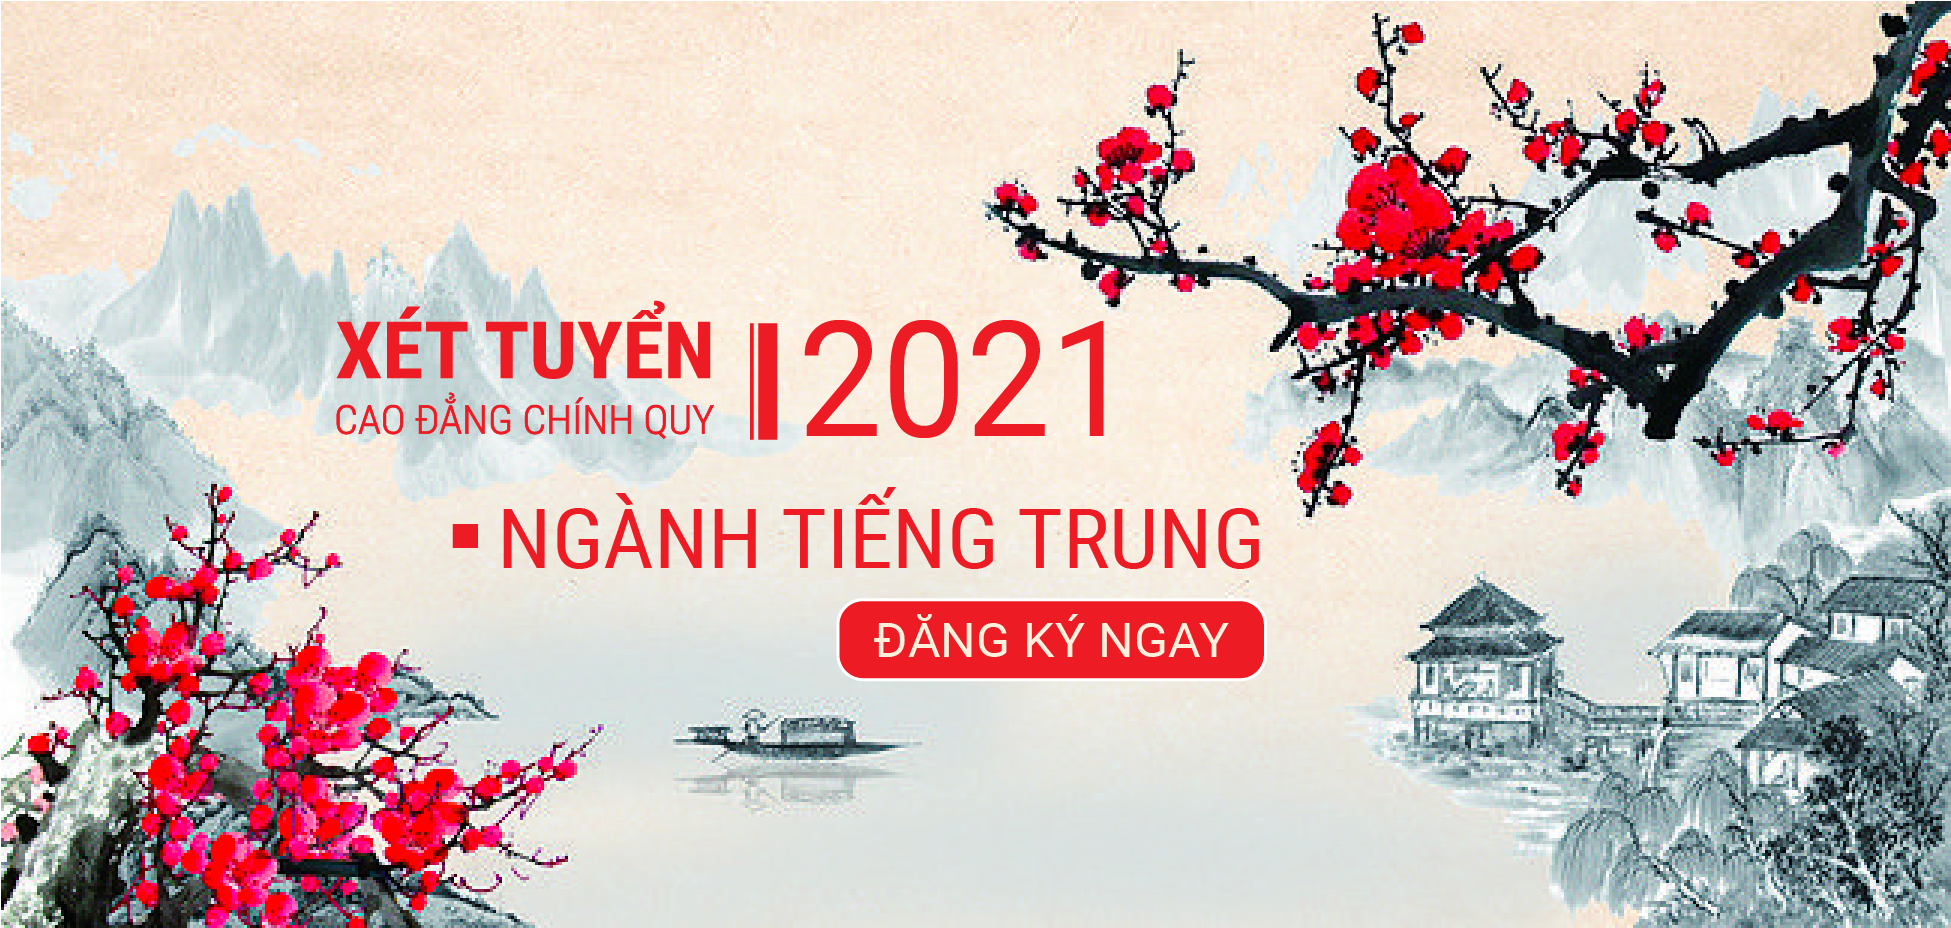 Tuyển Sinh Cao Đẳng Chính Quy Ngành Tiếng Trung Năm 2021